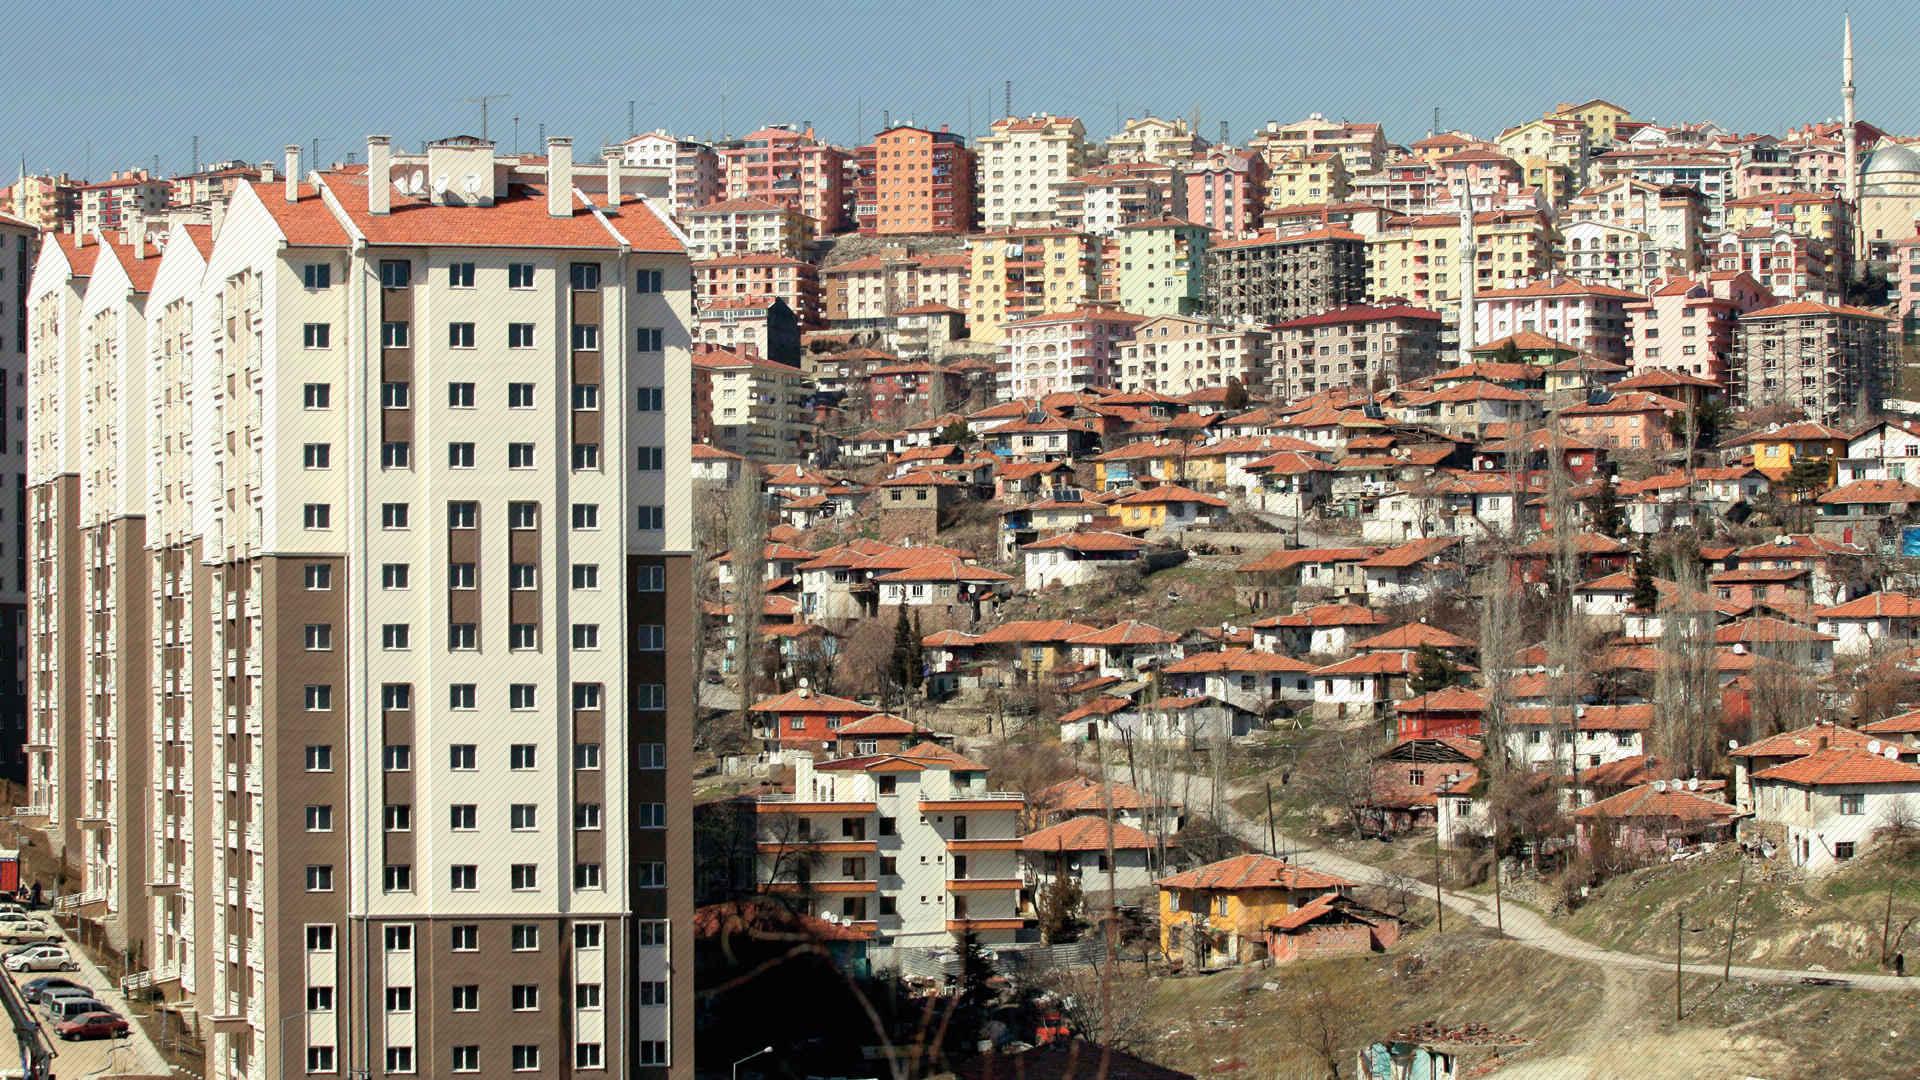 Mimarlar Odası Başkanı Muhcu: 12 milyon kaçak yapı için barış değil af geliyor 25